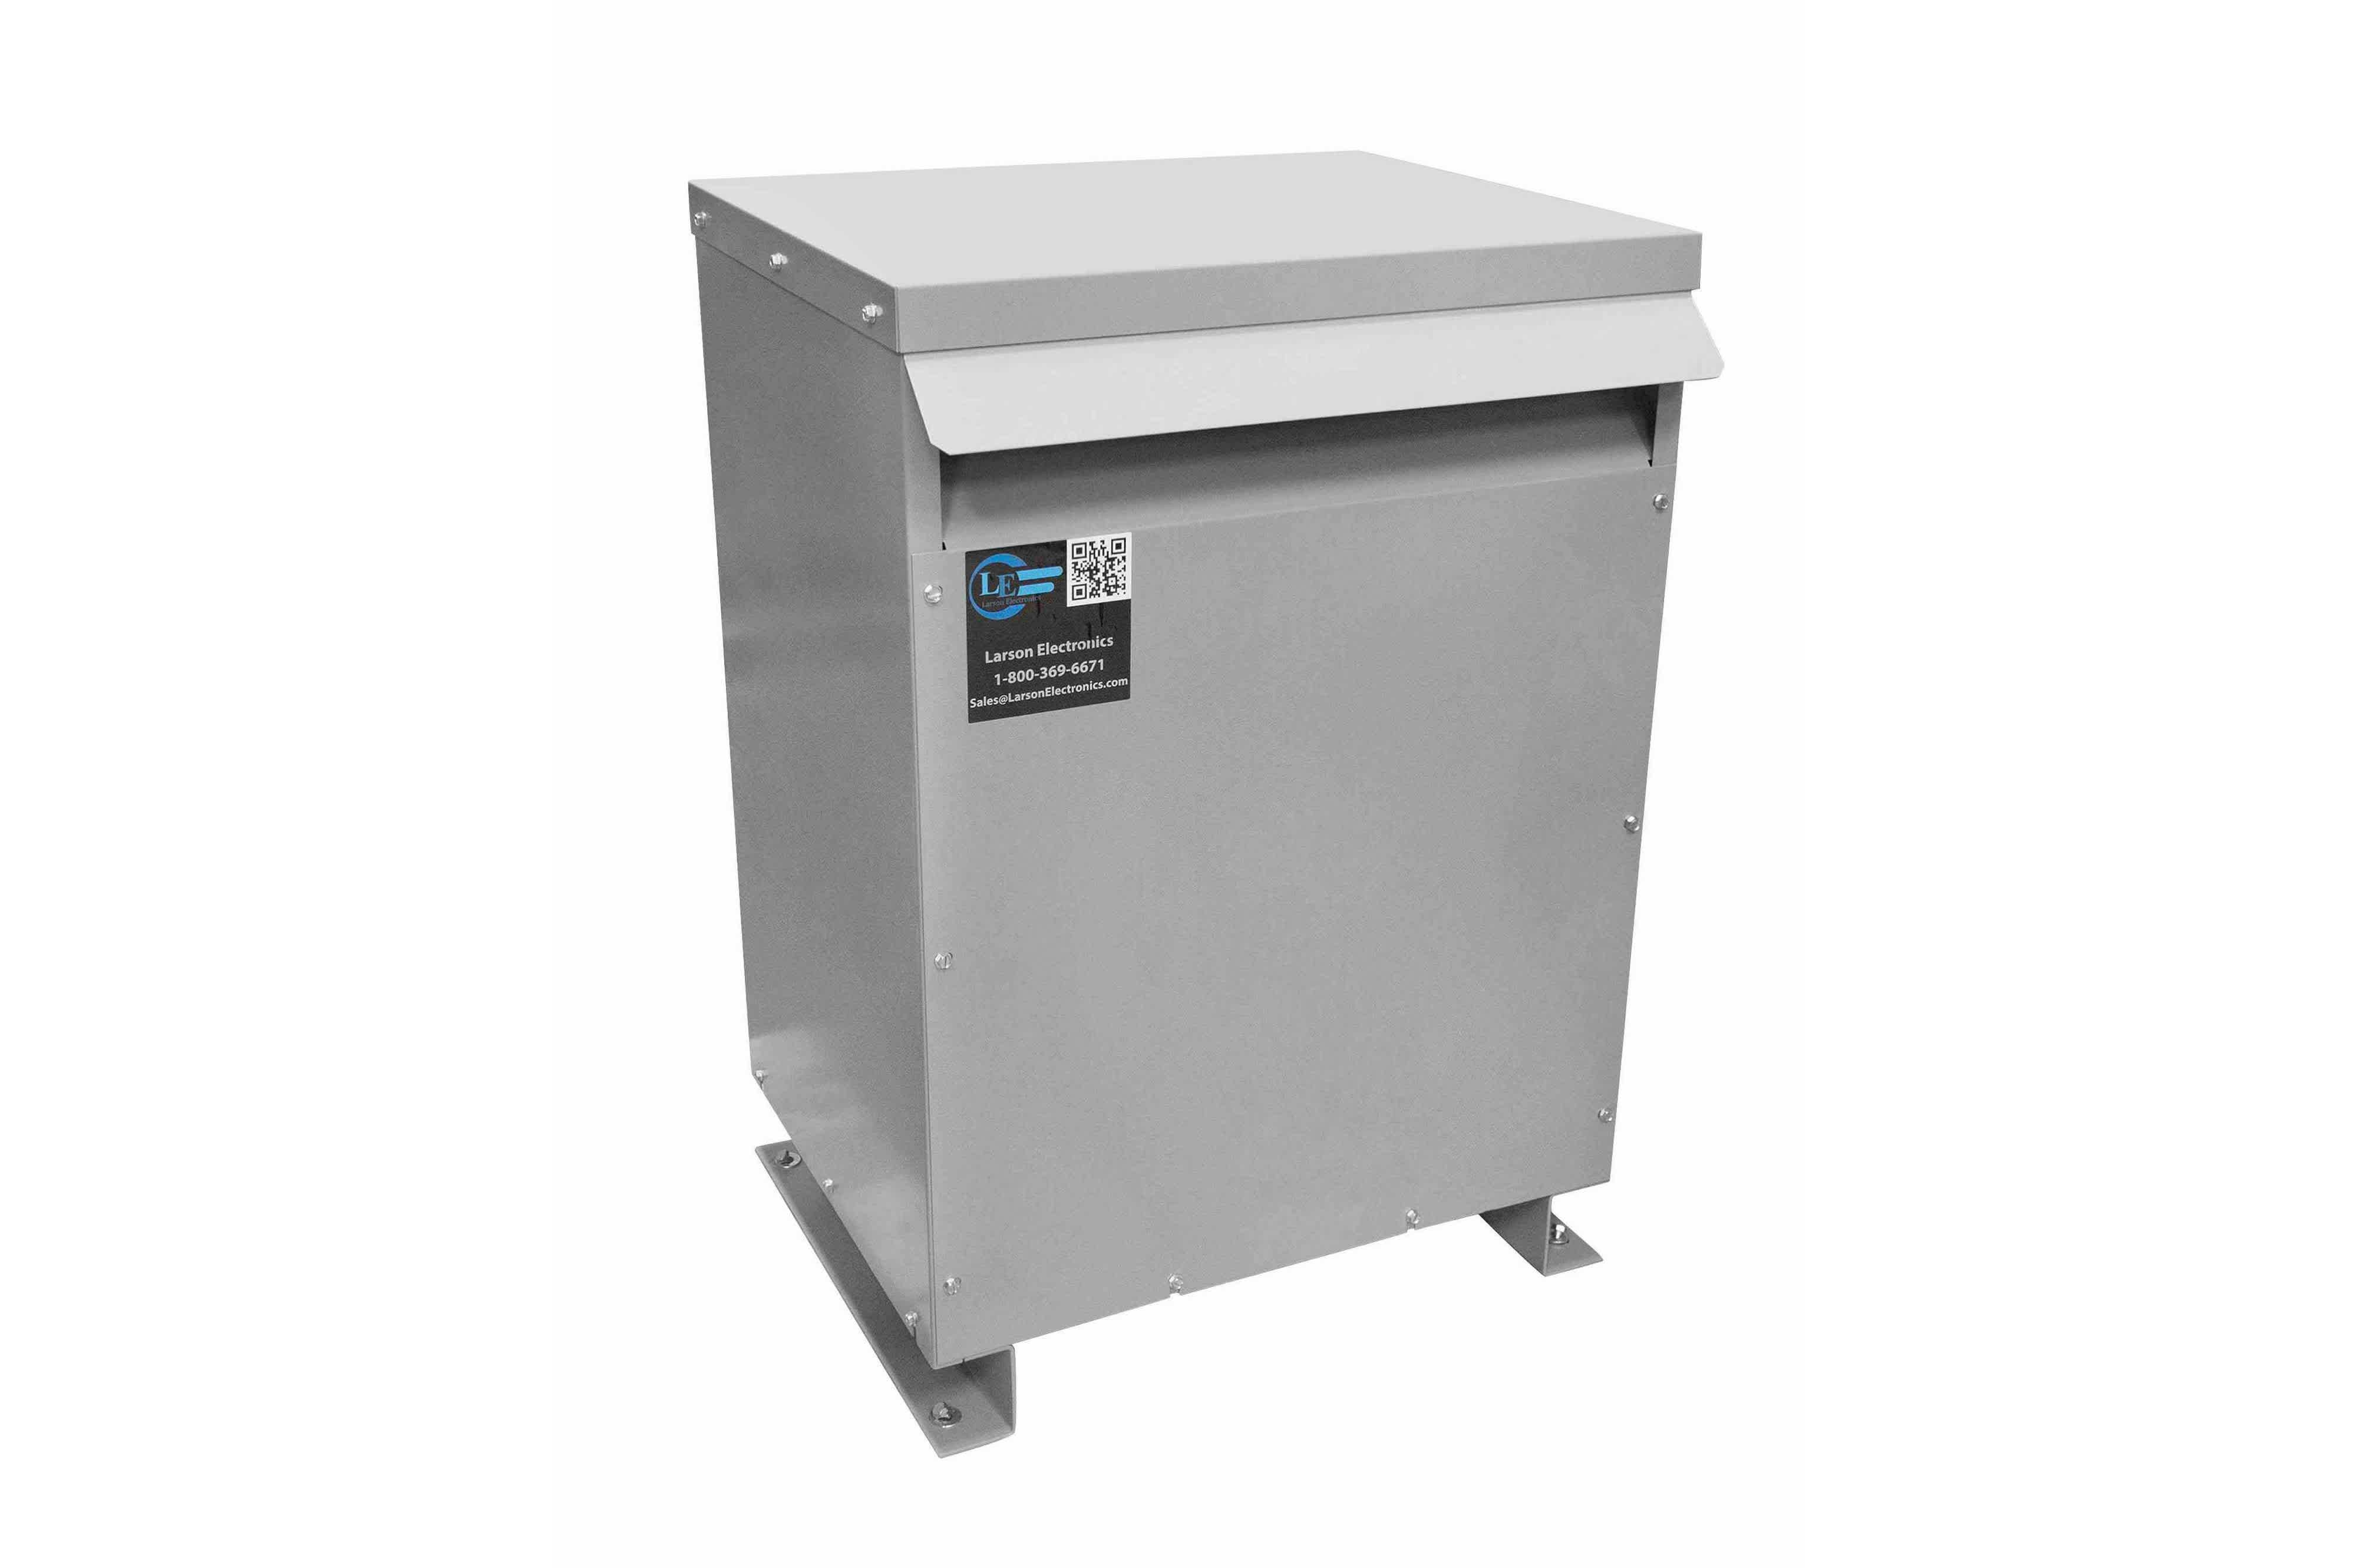 112.5 kVA 3PH DOE Transformer, 480V Delta Primary, 240V/120 Delta Secondary, N3R, Ventilated, 60 Hz